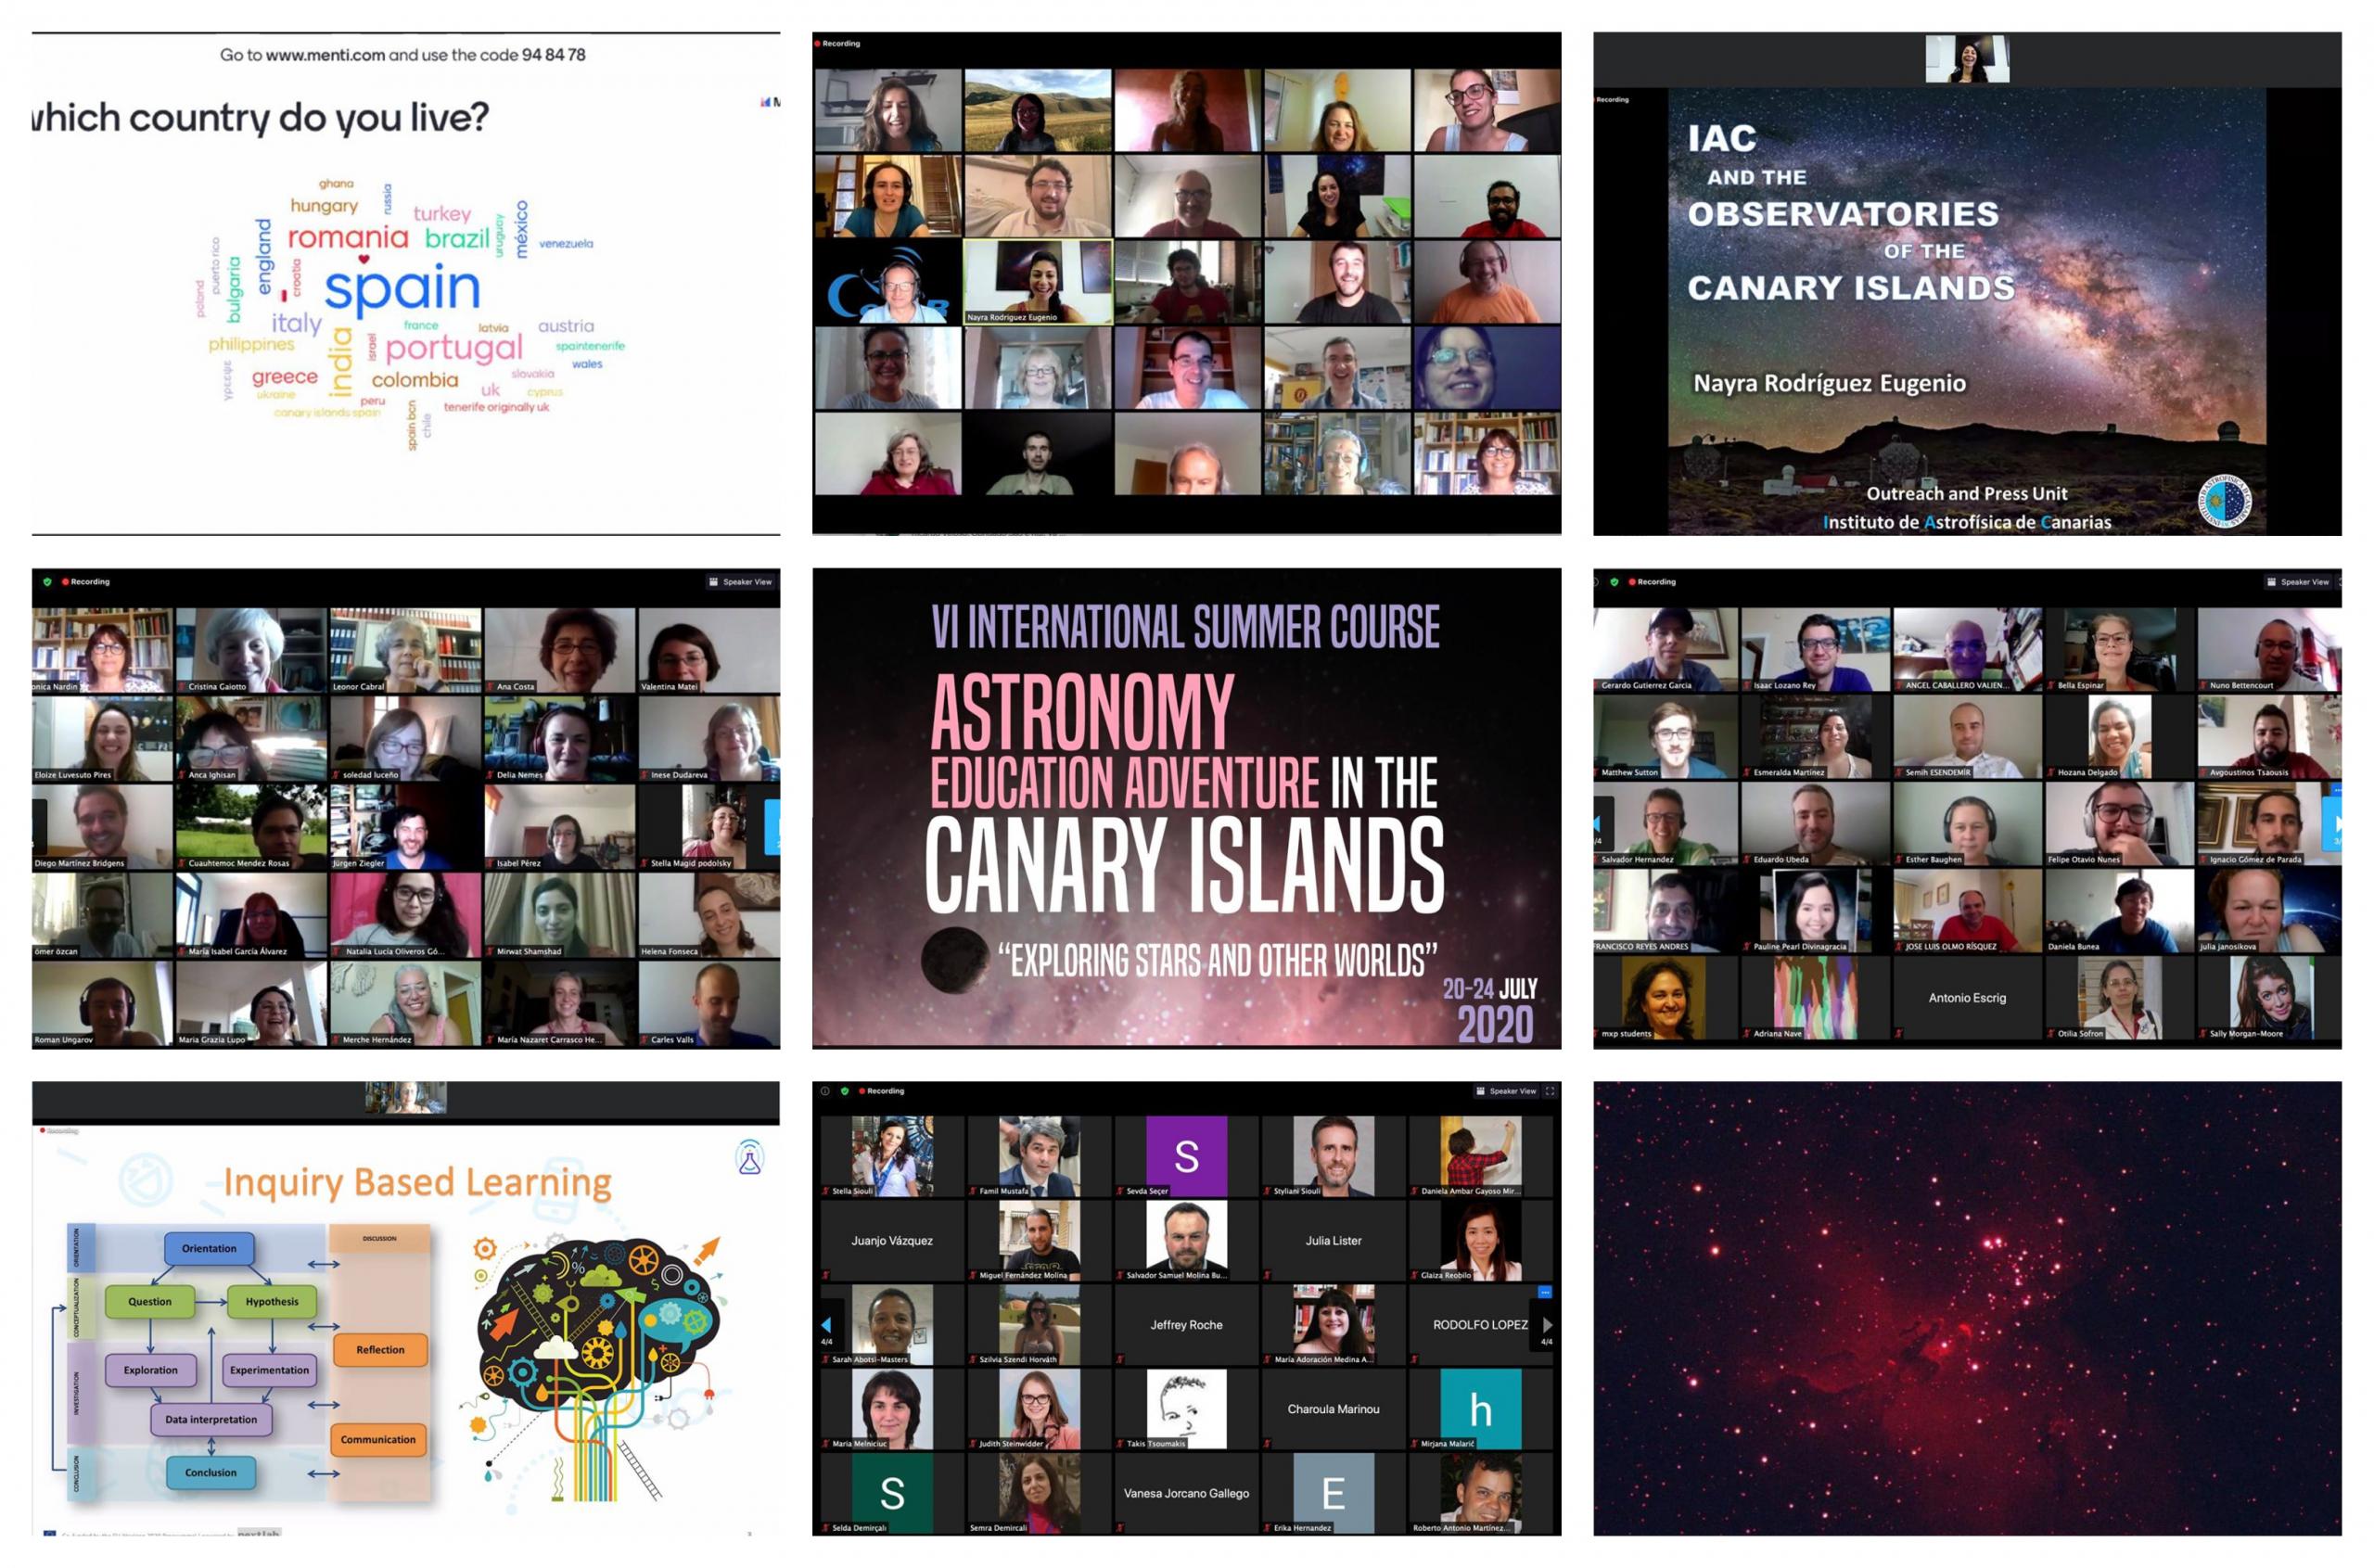 Collage de fotos del curso online Astronomy Education Adventure in the Canary Islands 2020. Créditos: IAC, NUCLIO